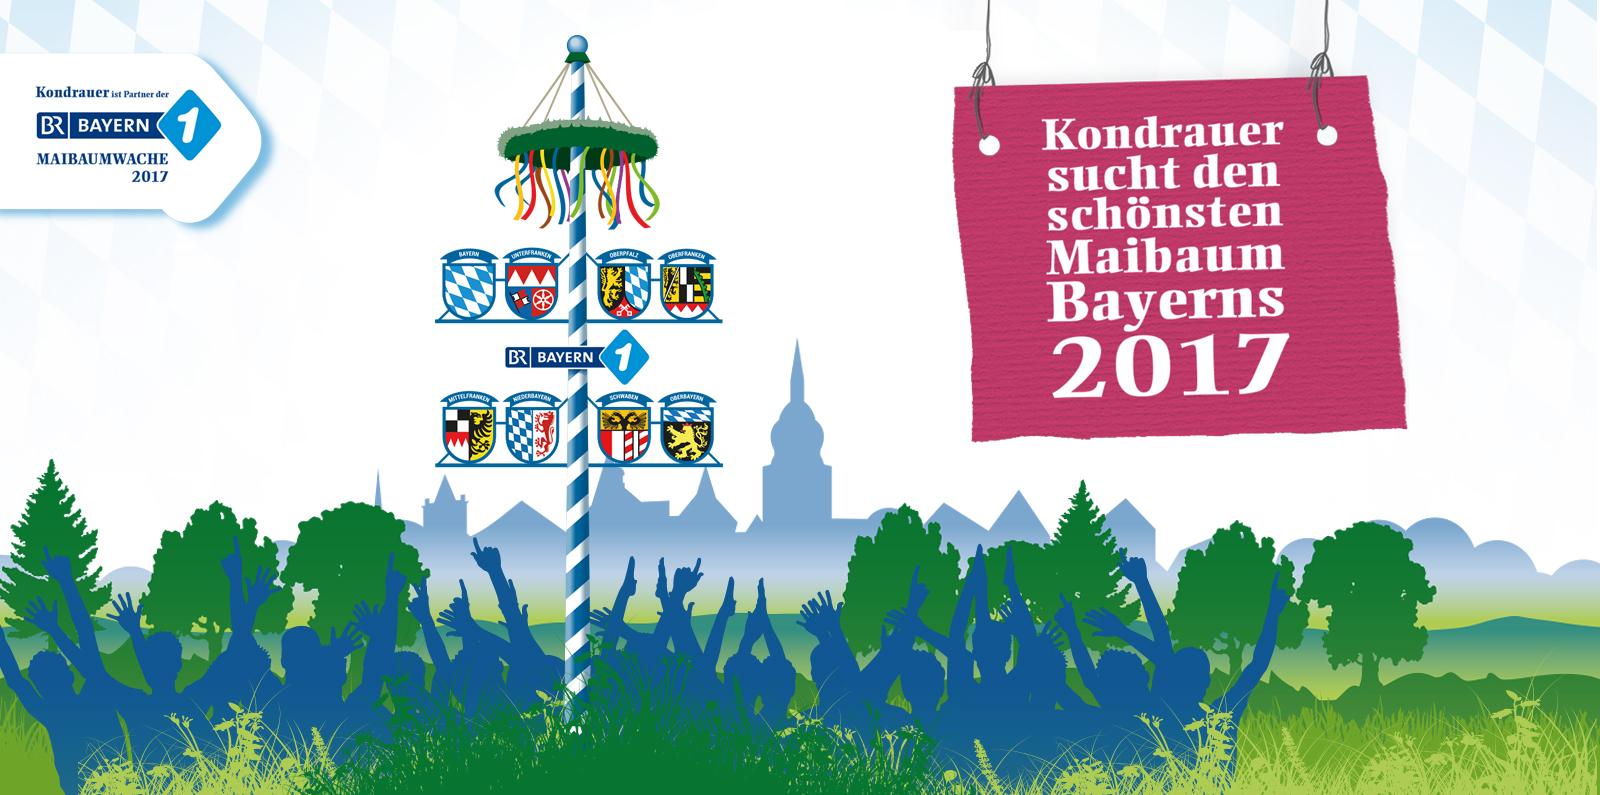 Kondrauer sucht den schönsten Maibaum Bayerns 2017 | Kondrauer Mineral- und Heilbrunnen